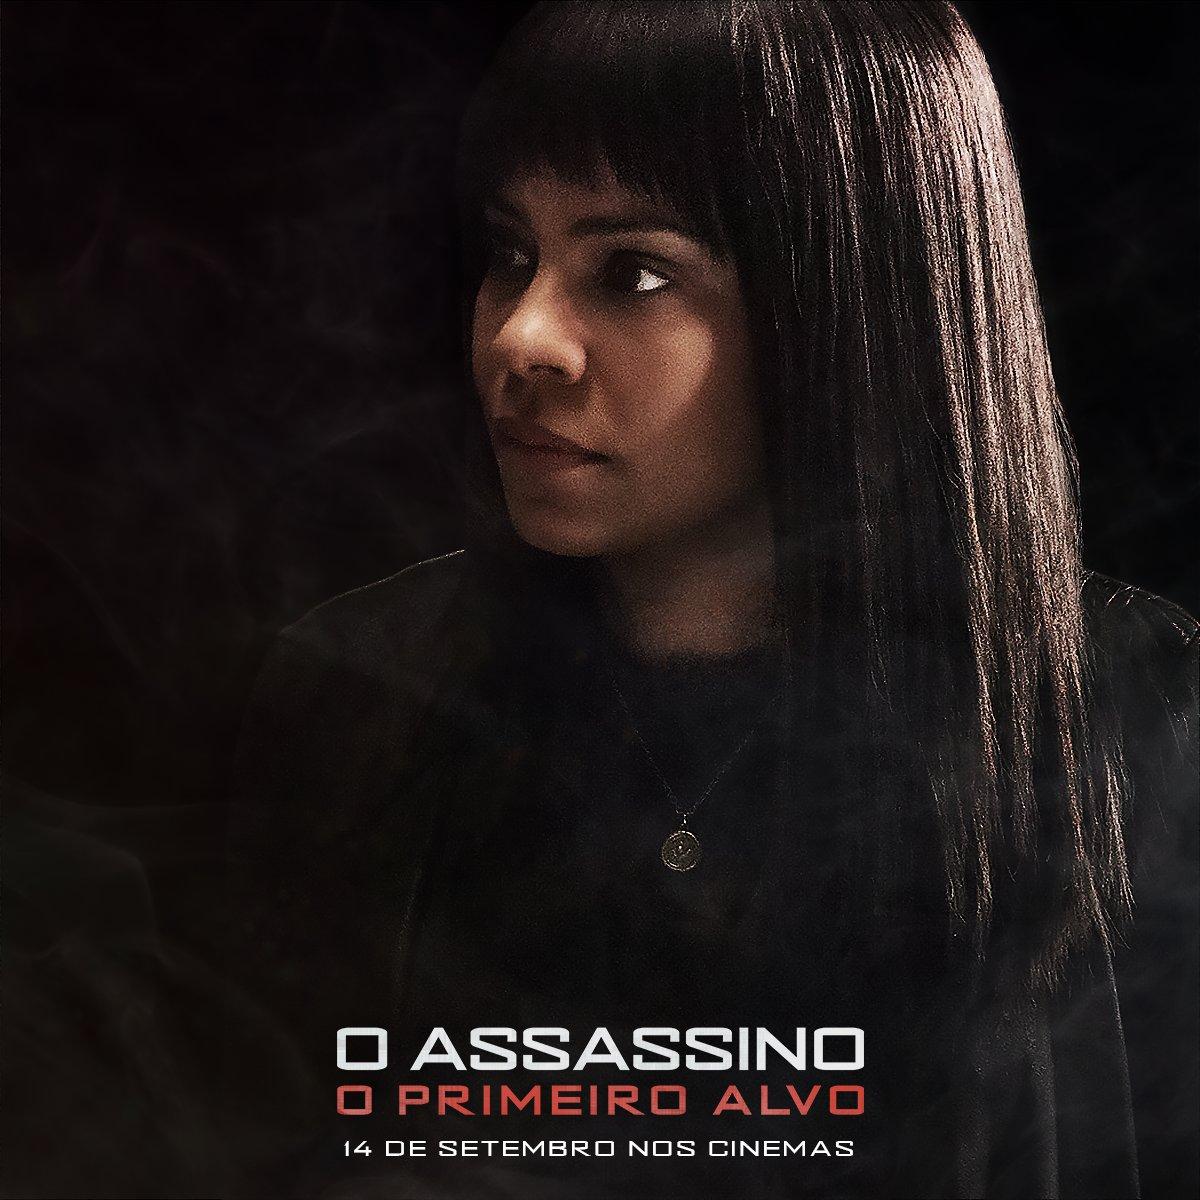 Irene Kennedy trabalha na CIA e é a responsável por contratar Mitch (Dylan O'Brien). #OAssassino estreia dia 14 de setembro nos cinemas.